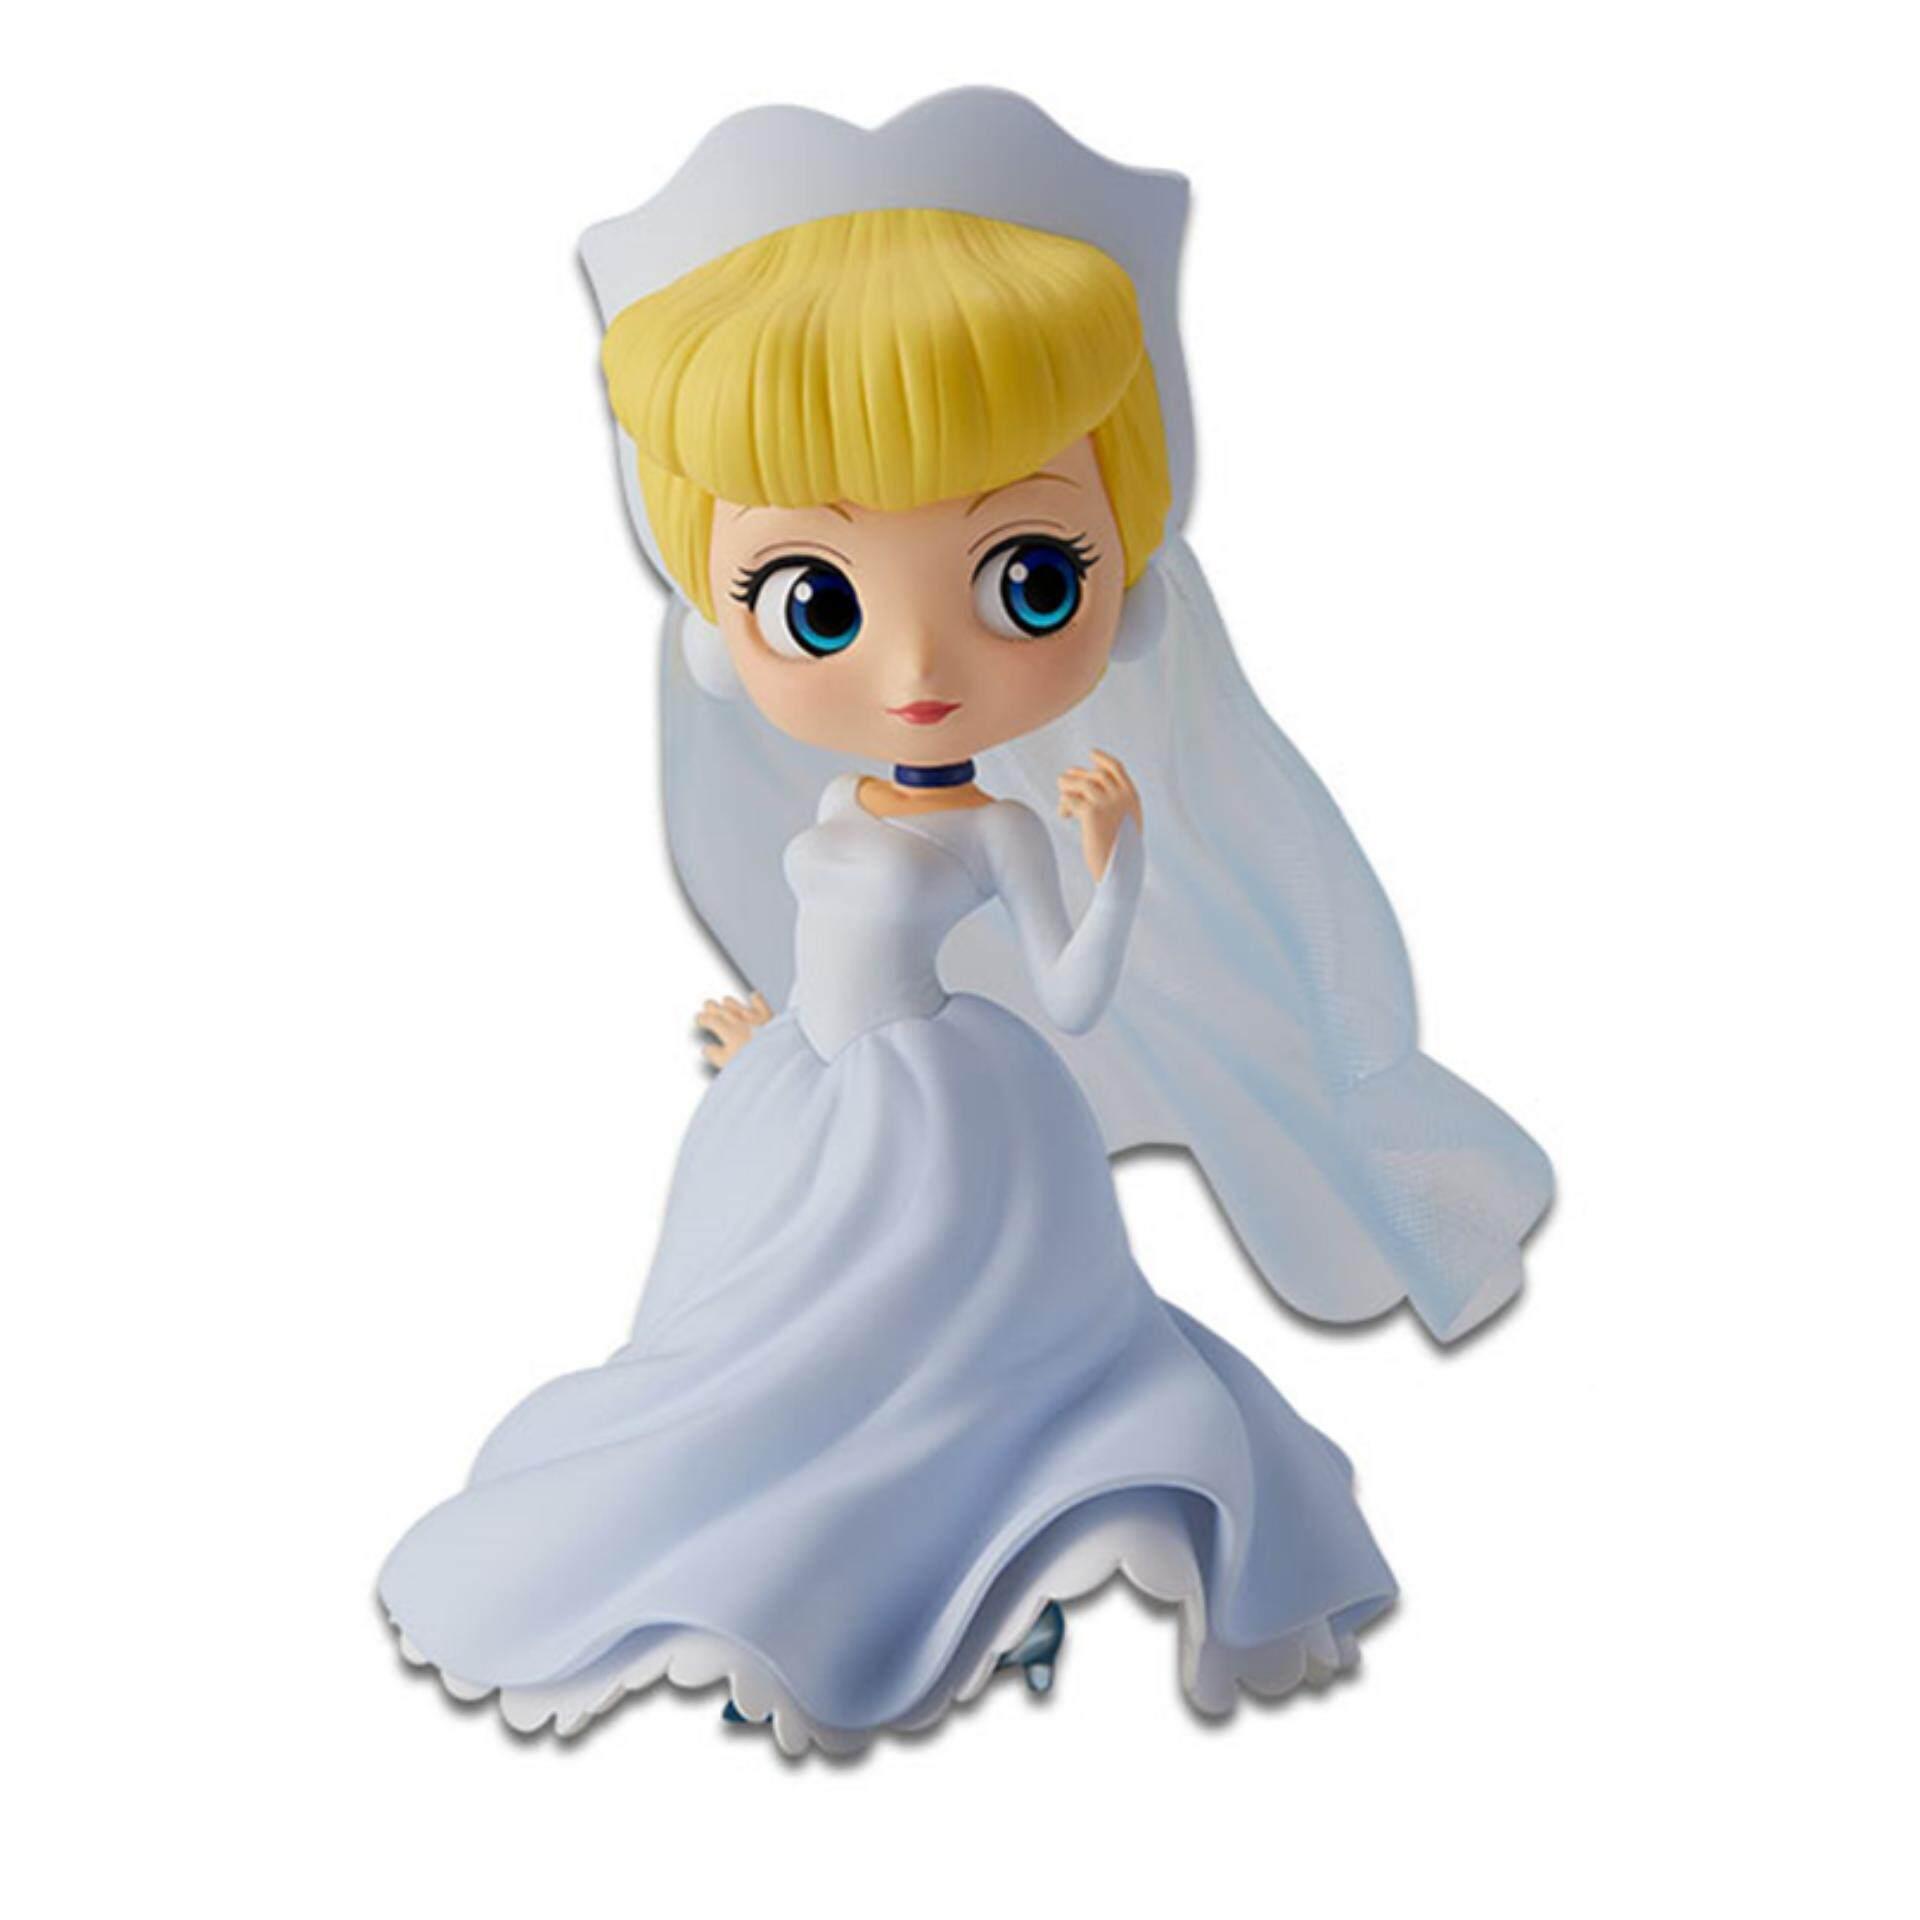 Banpresto Q Posket Disney Princess Figure Normal Version - Cinderella Dreamy Style